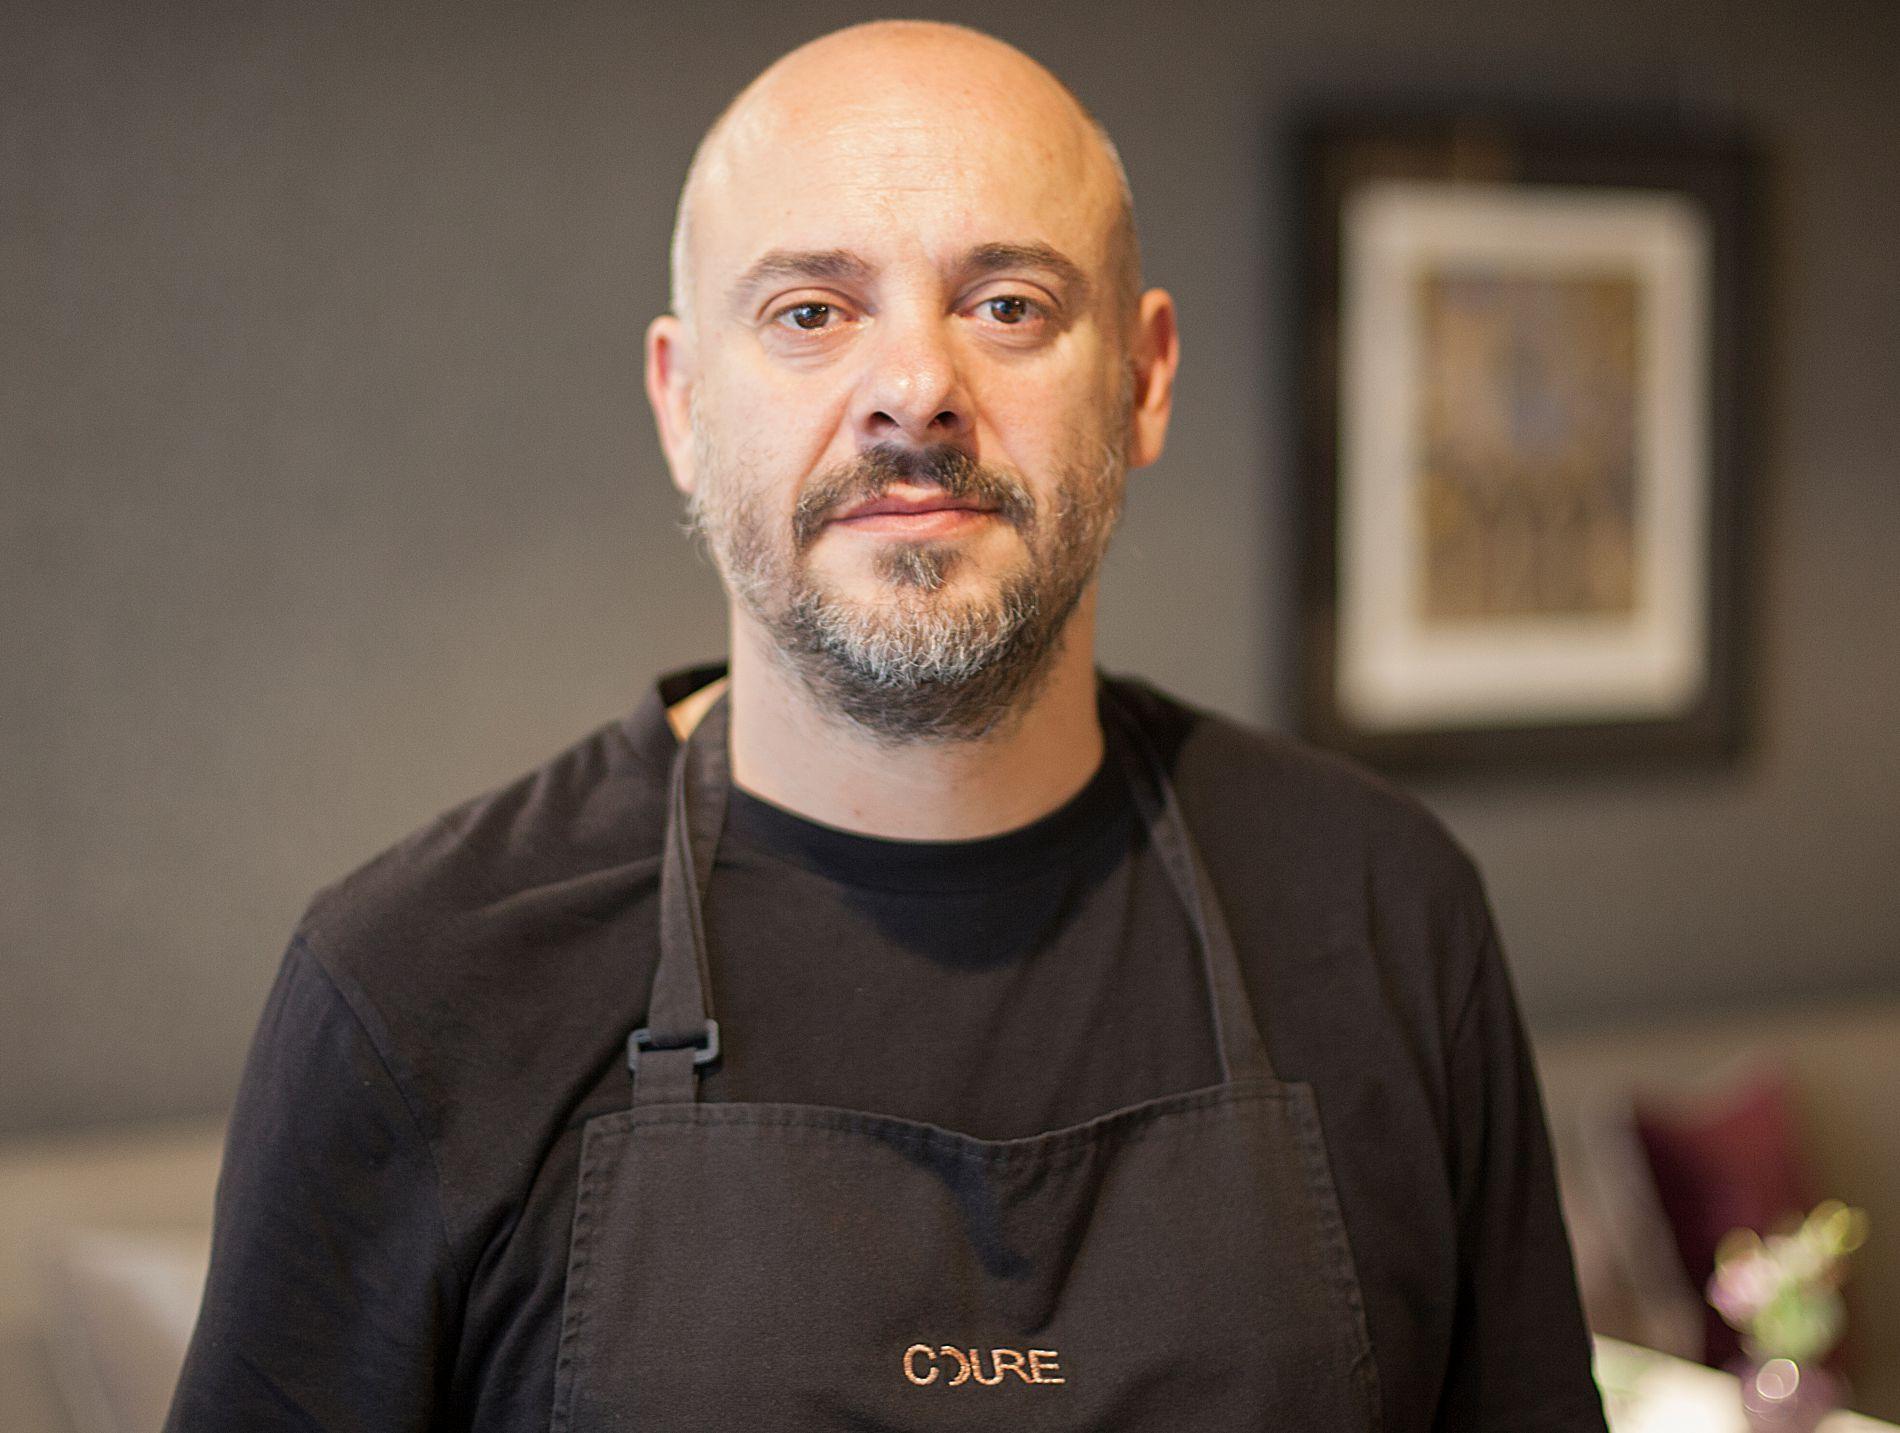 El chef Albert Ventura (dos Soles Repsol) está detrás de este nuevo proyecto. Foto: Grill Room Bar Thonet.